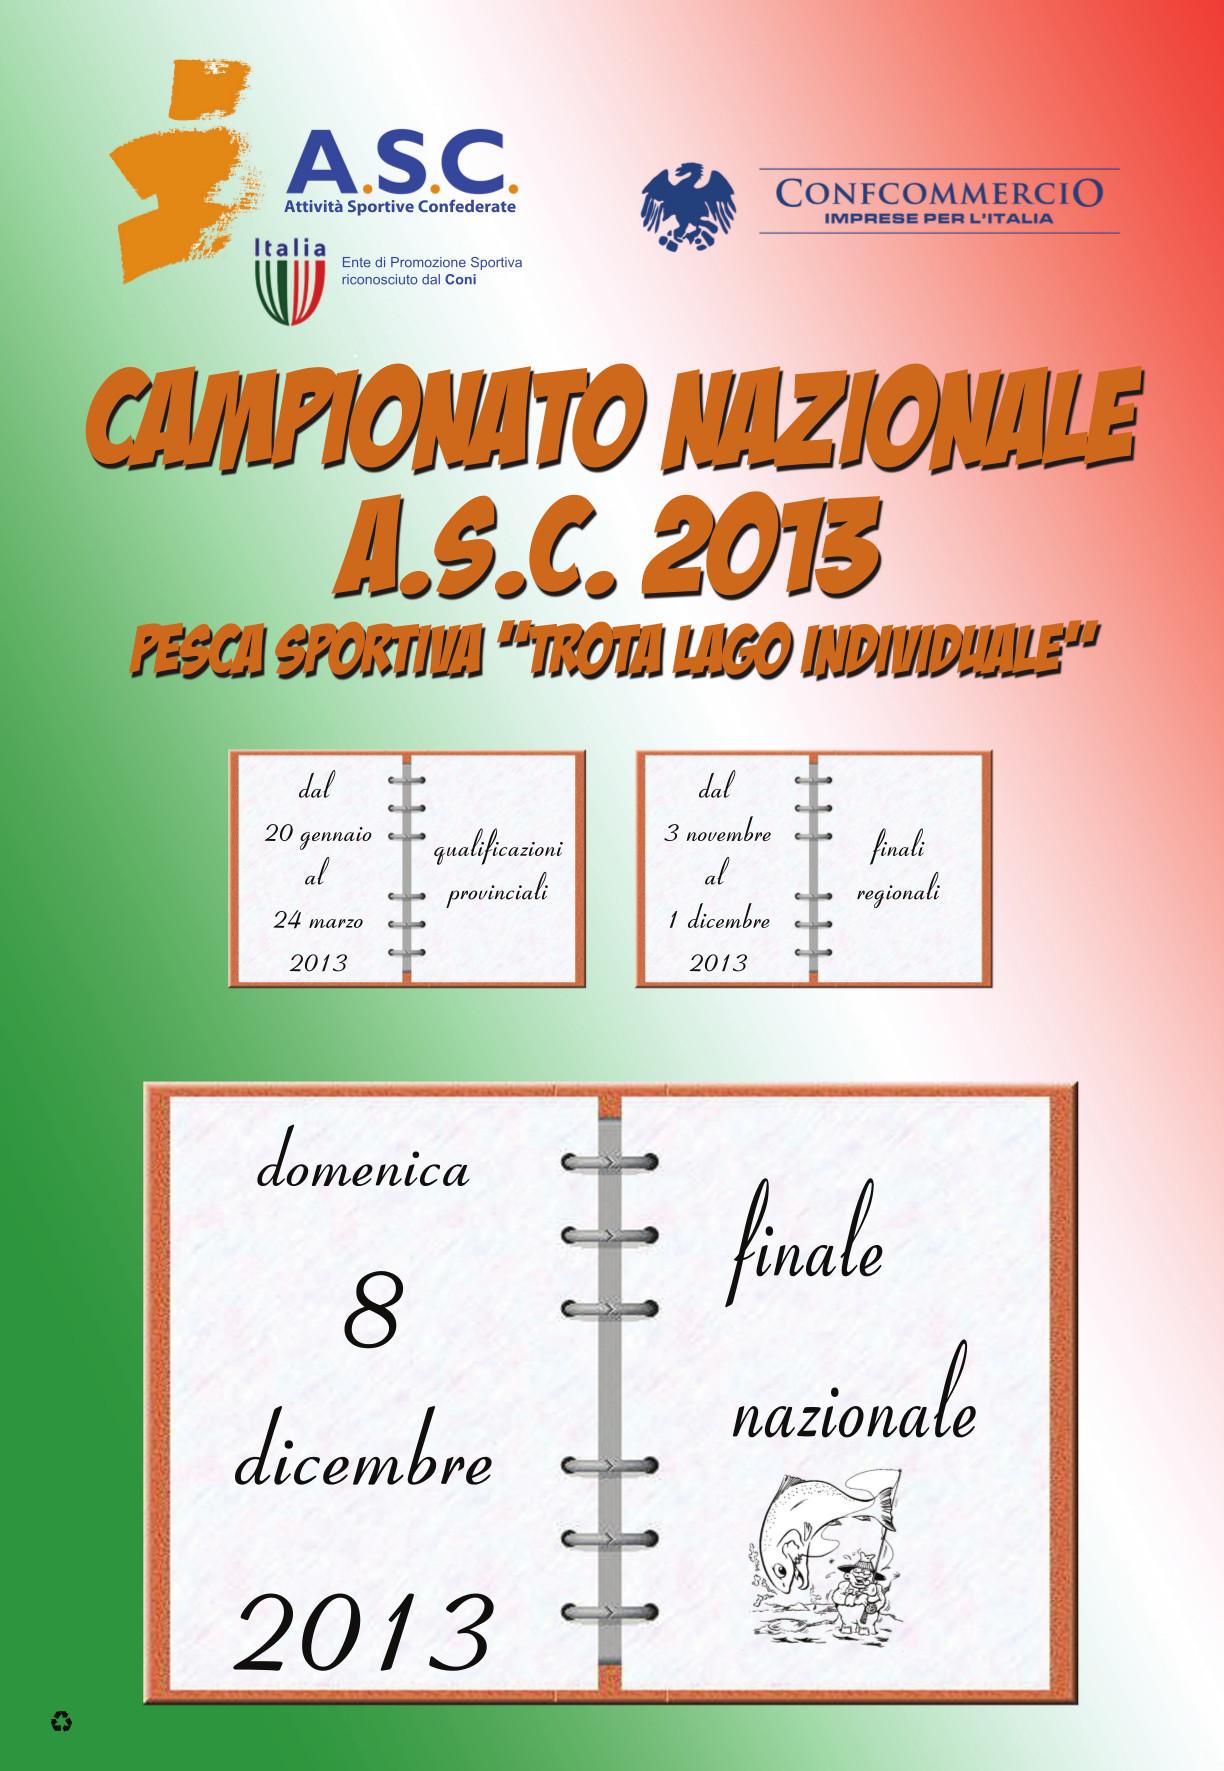 LOCANDINA_informativa CAMPIONATO_NAZIONALE_TROTA lago 2013